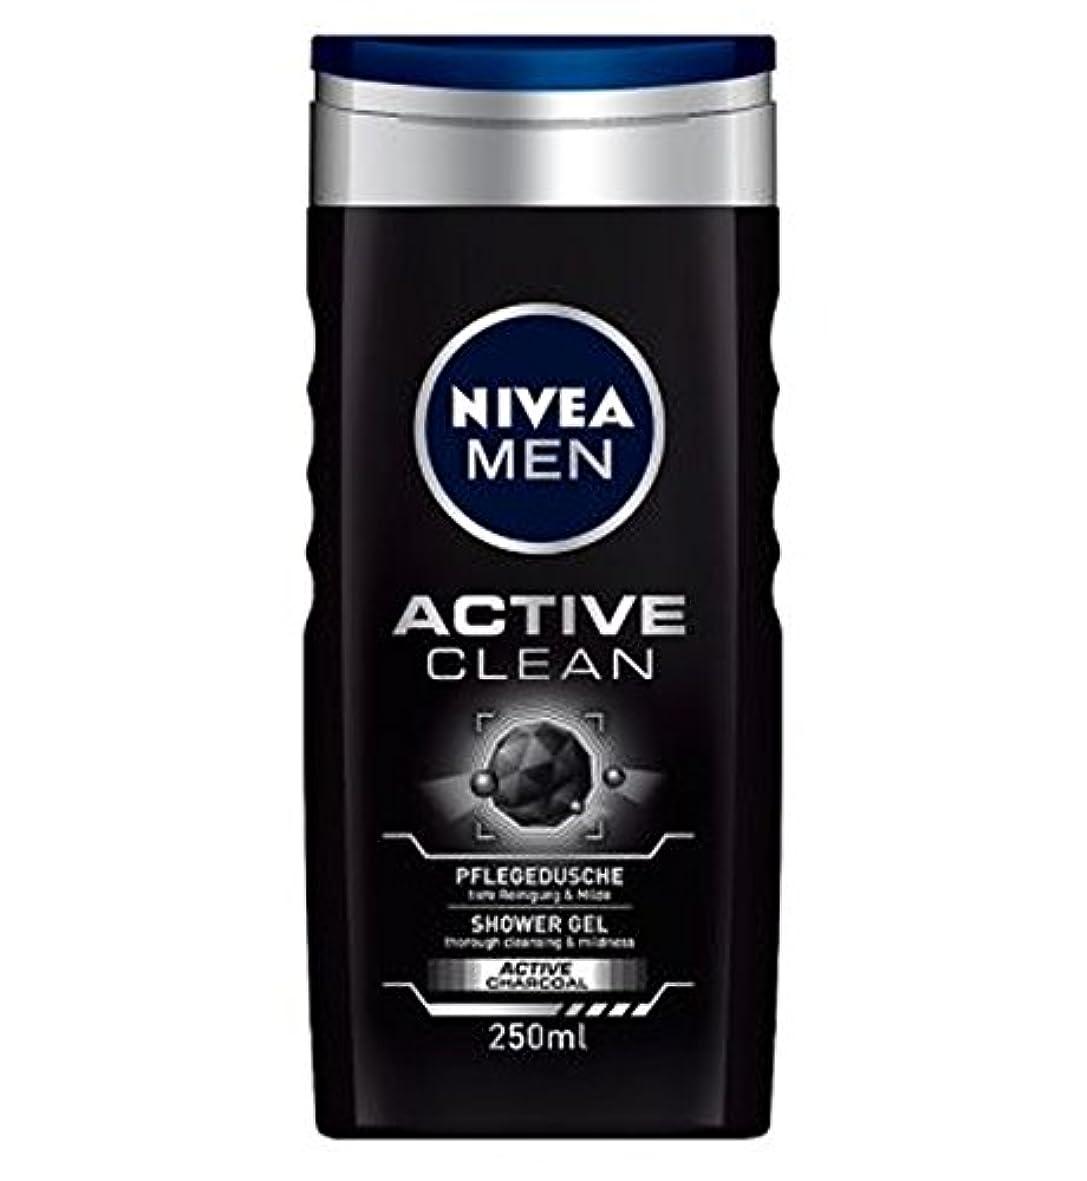 取り壊す十分ですメアリアンジョーンズニベアの男性アクティブクリーンシャワージェル250ミリリットル (Nivea) (x2) - NIVEA MEN Active Clean Shower Gel 250ml (Pack of 2) [並行輸入品]